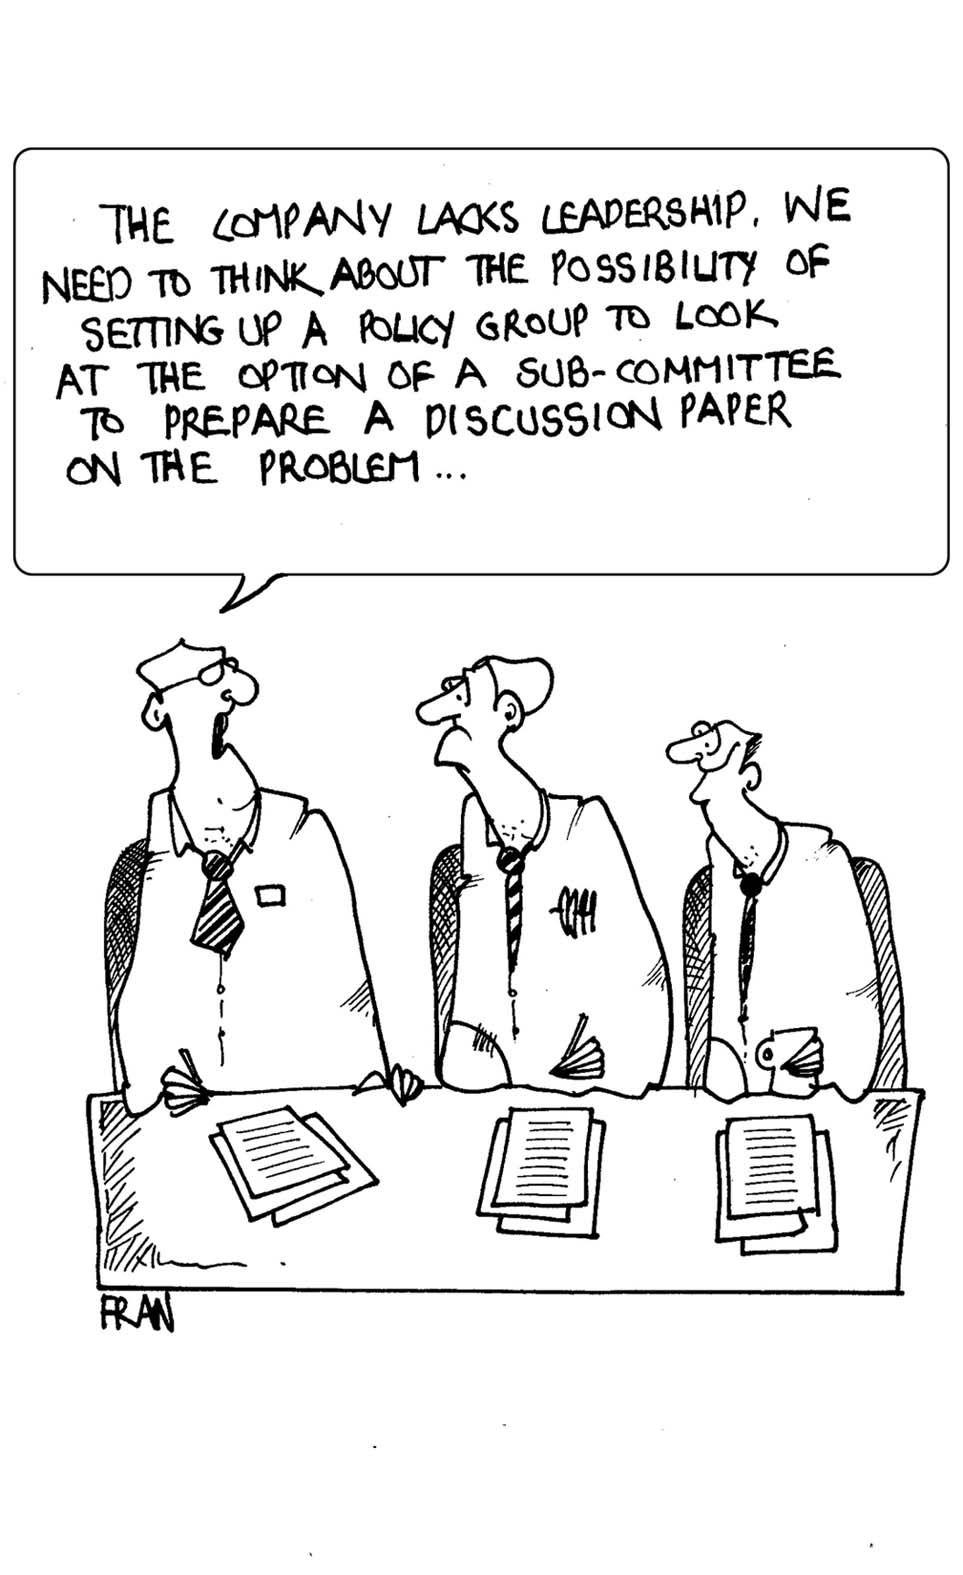 Business Transformation World Business Cartoon From Kotter International Work Jokes Work Humor Business Cartoons